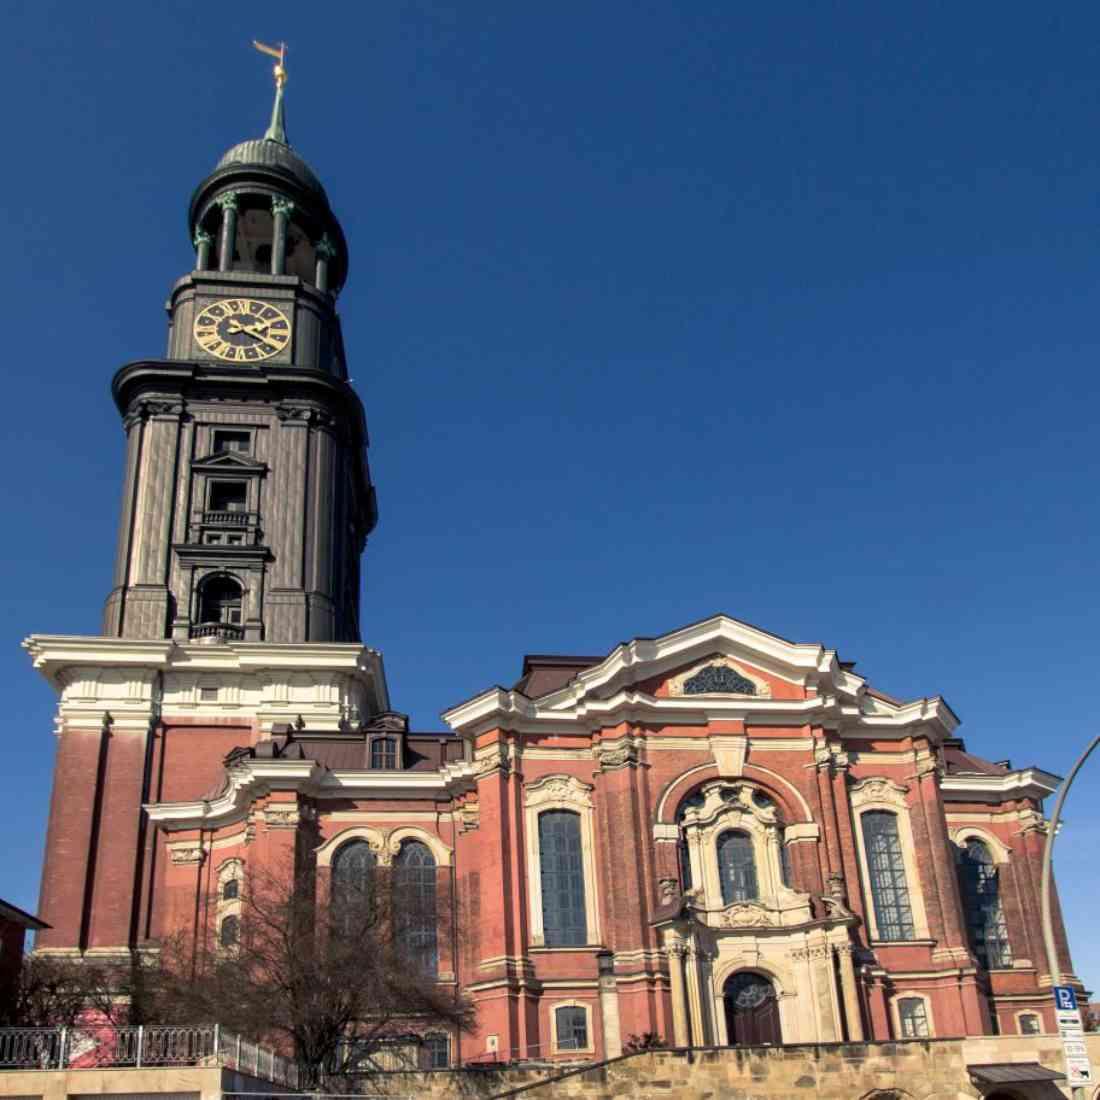 هامبورج - كنيسة القديس ميخائيل